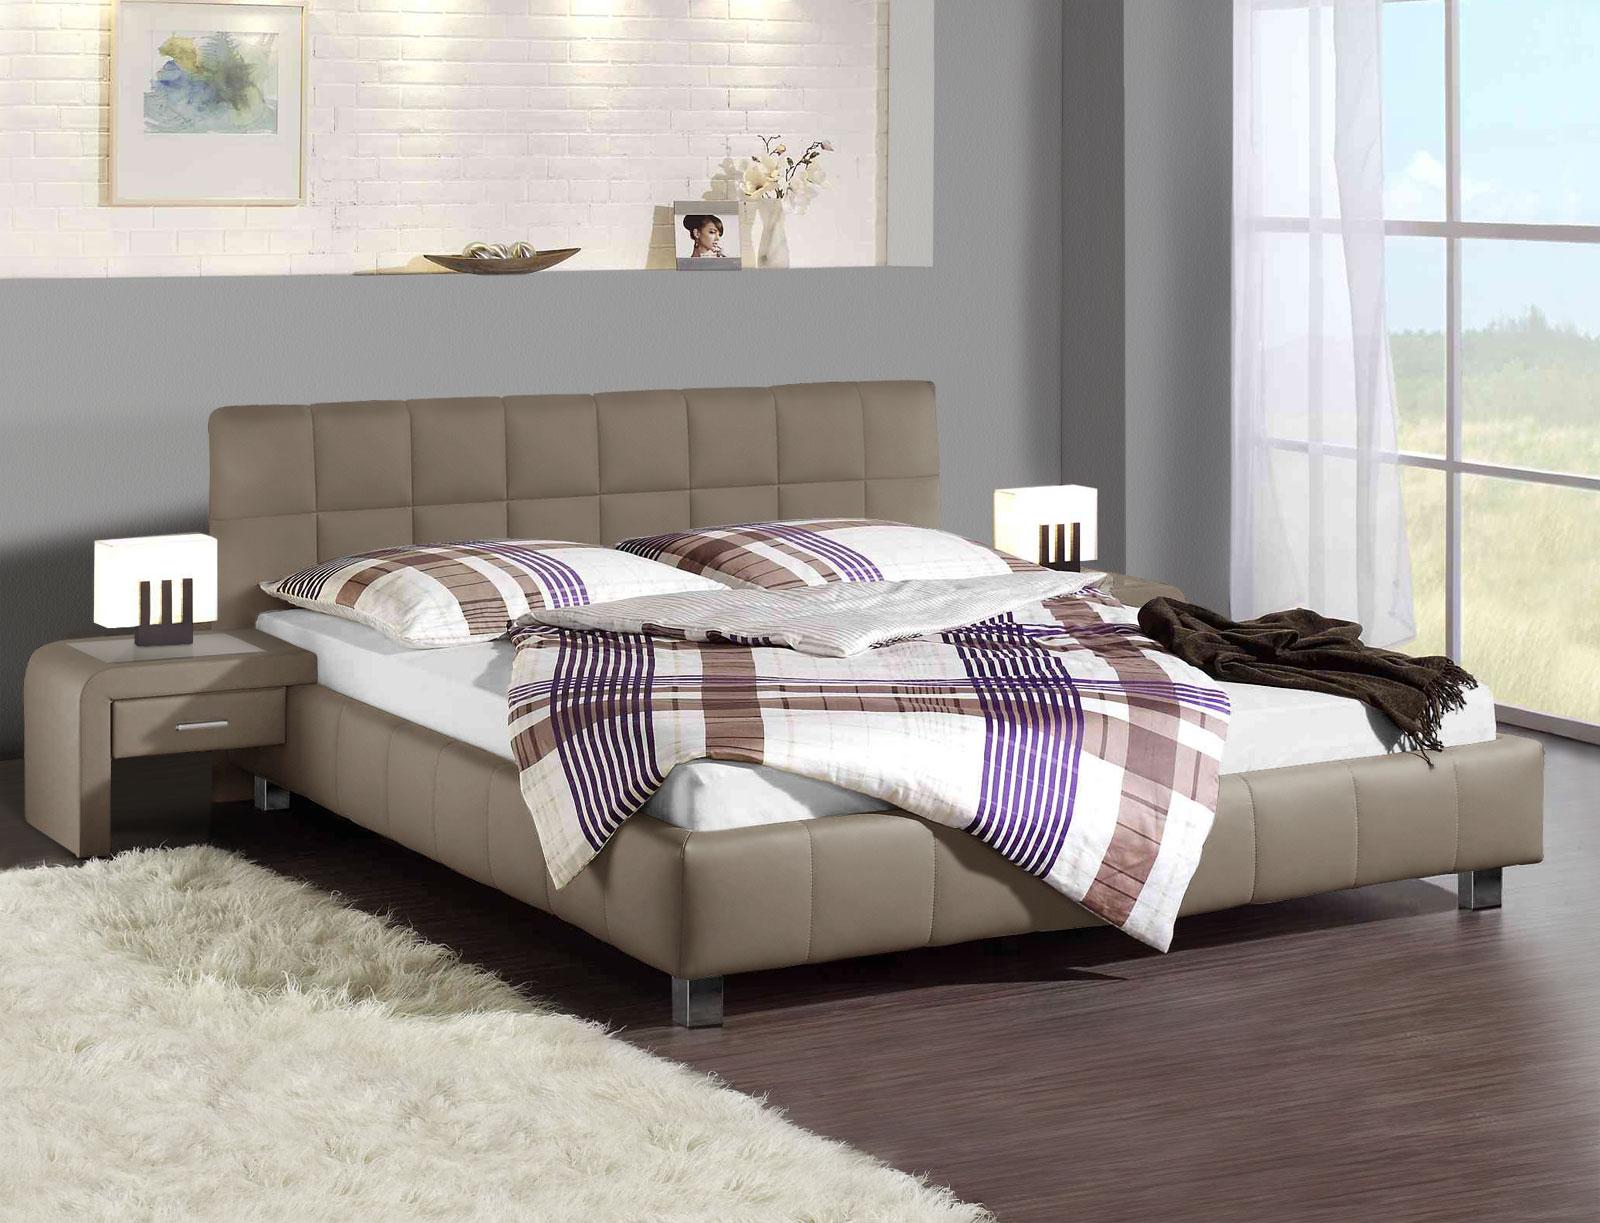 Bett 140x200 mit bettkasten  Polsterbett mit Bettkasten in 140x200 cm - Las Lomas